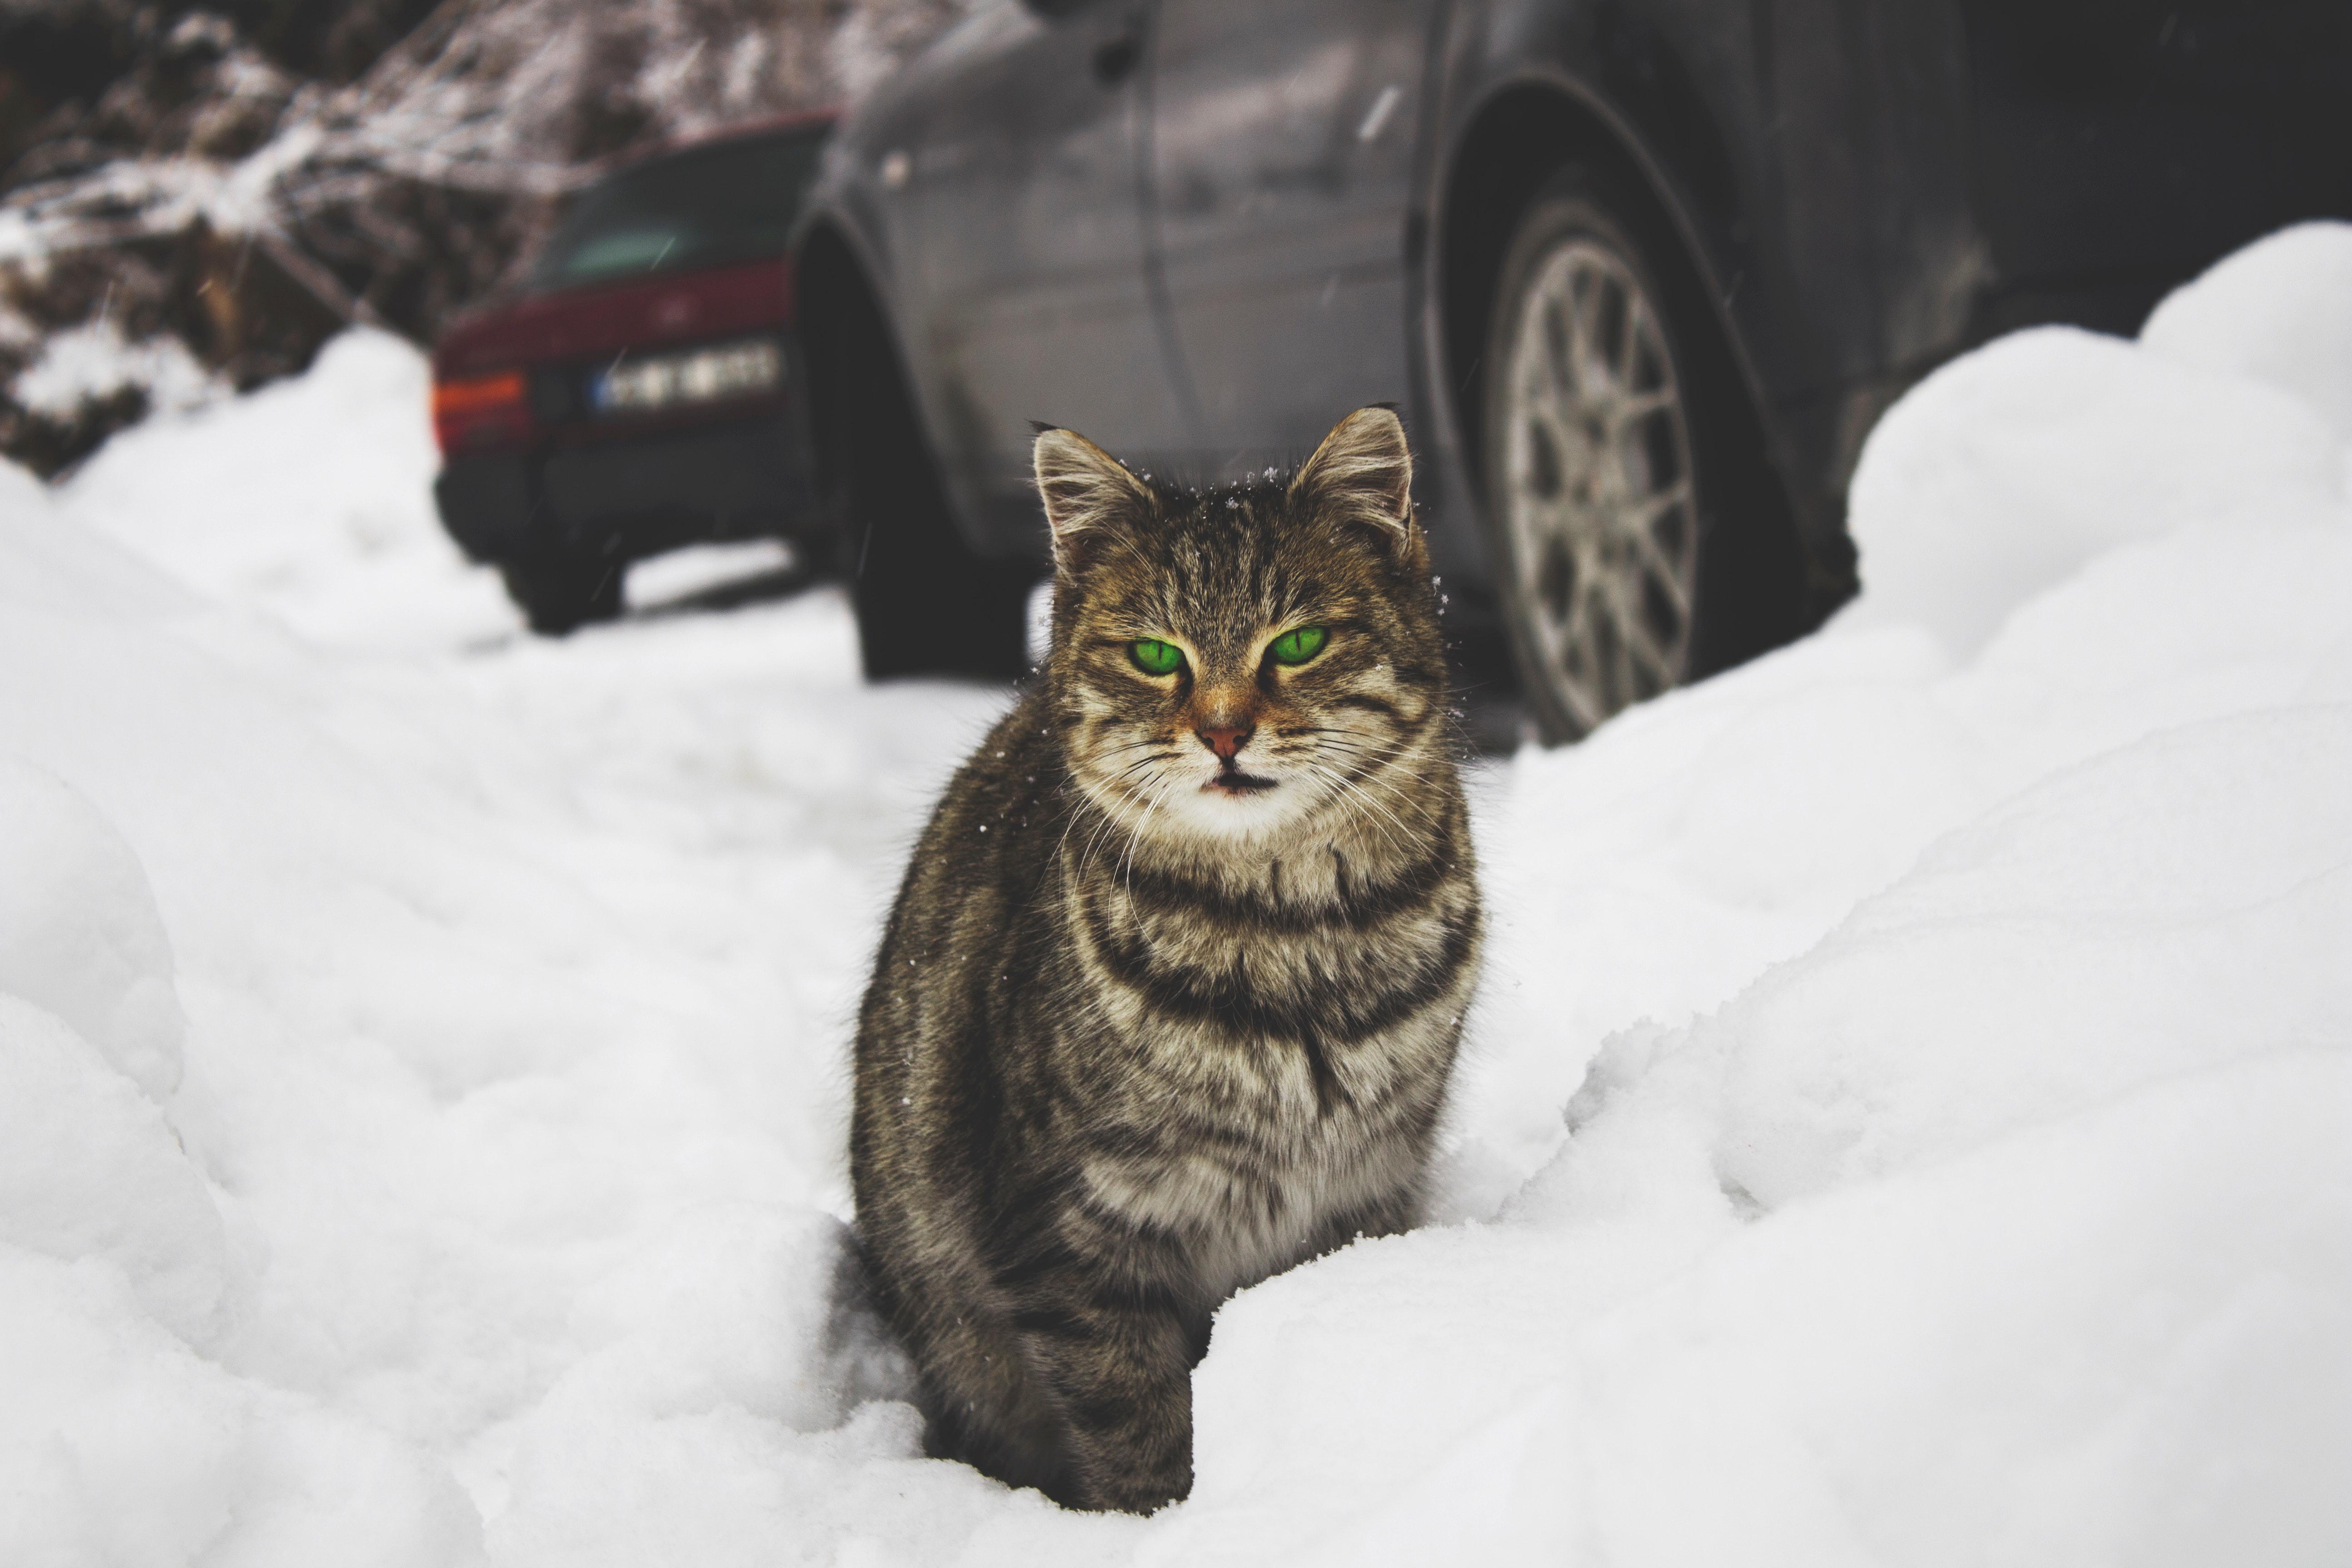 Kış Aylarında Sokak Hayvanları İçin Neler Yapılabilir?